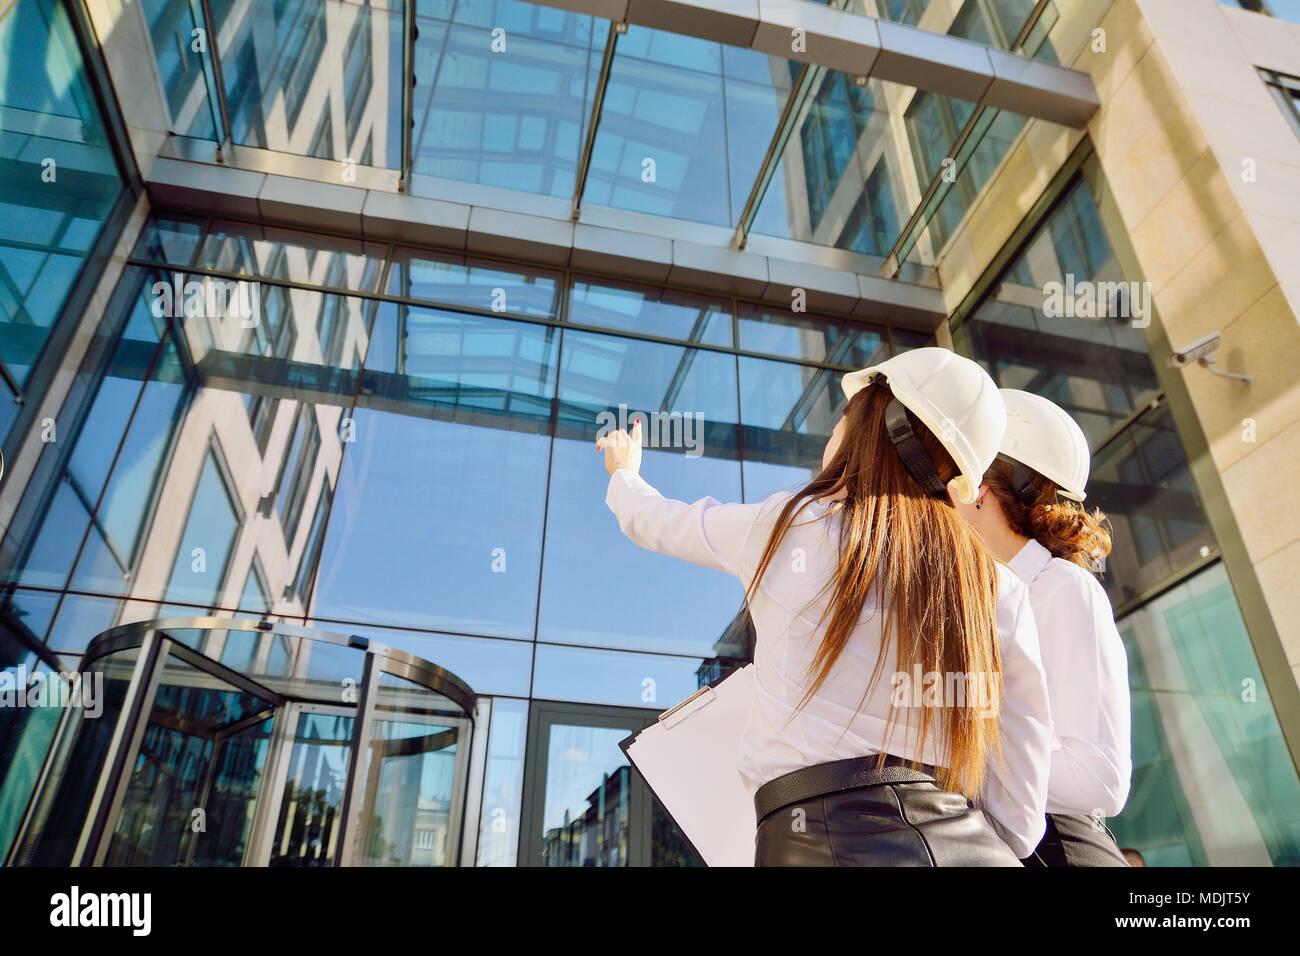 Mädchen in Gebäude weiße Helme mit Tabletten in die Hände auf dem Hintergrund einer Glas Bürogebäude. Frauen sind Ingenieure. Weibliche Berufe. Stockbild